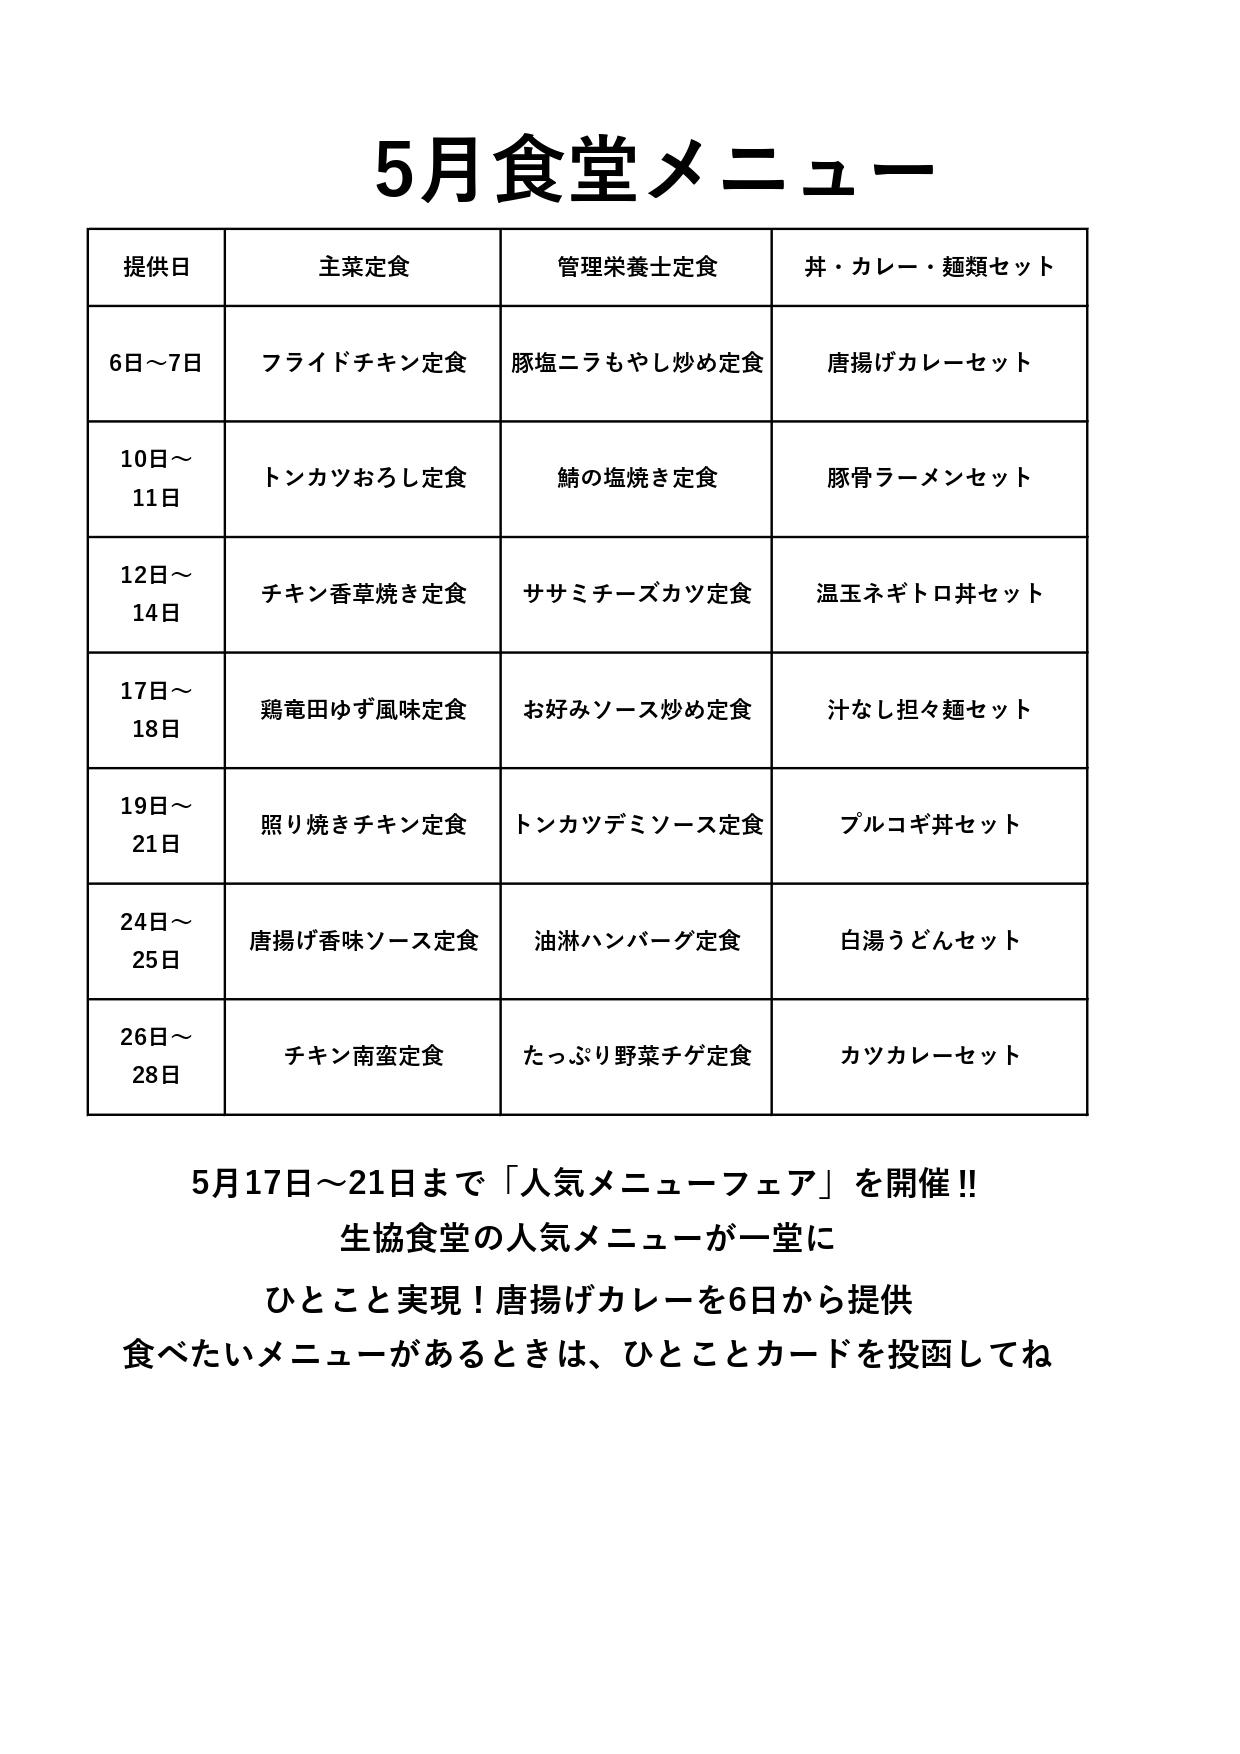 食堂メニューカレンダー202105_page-0001.jpg